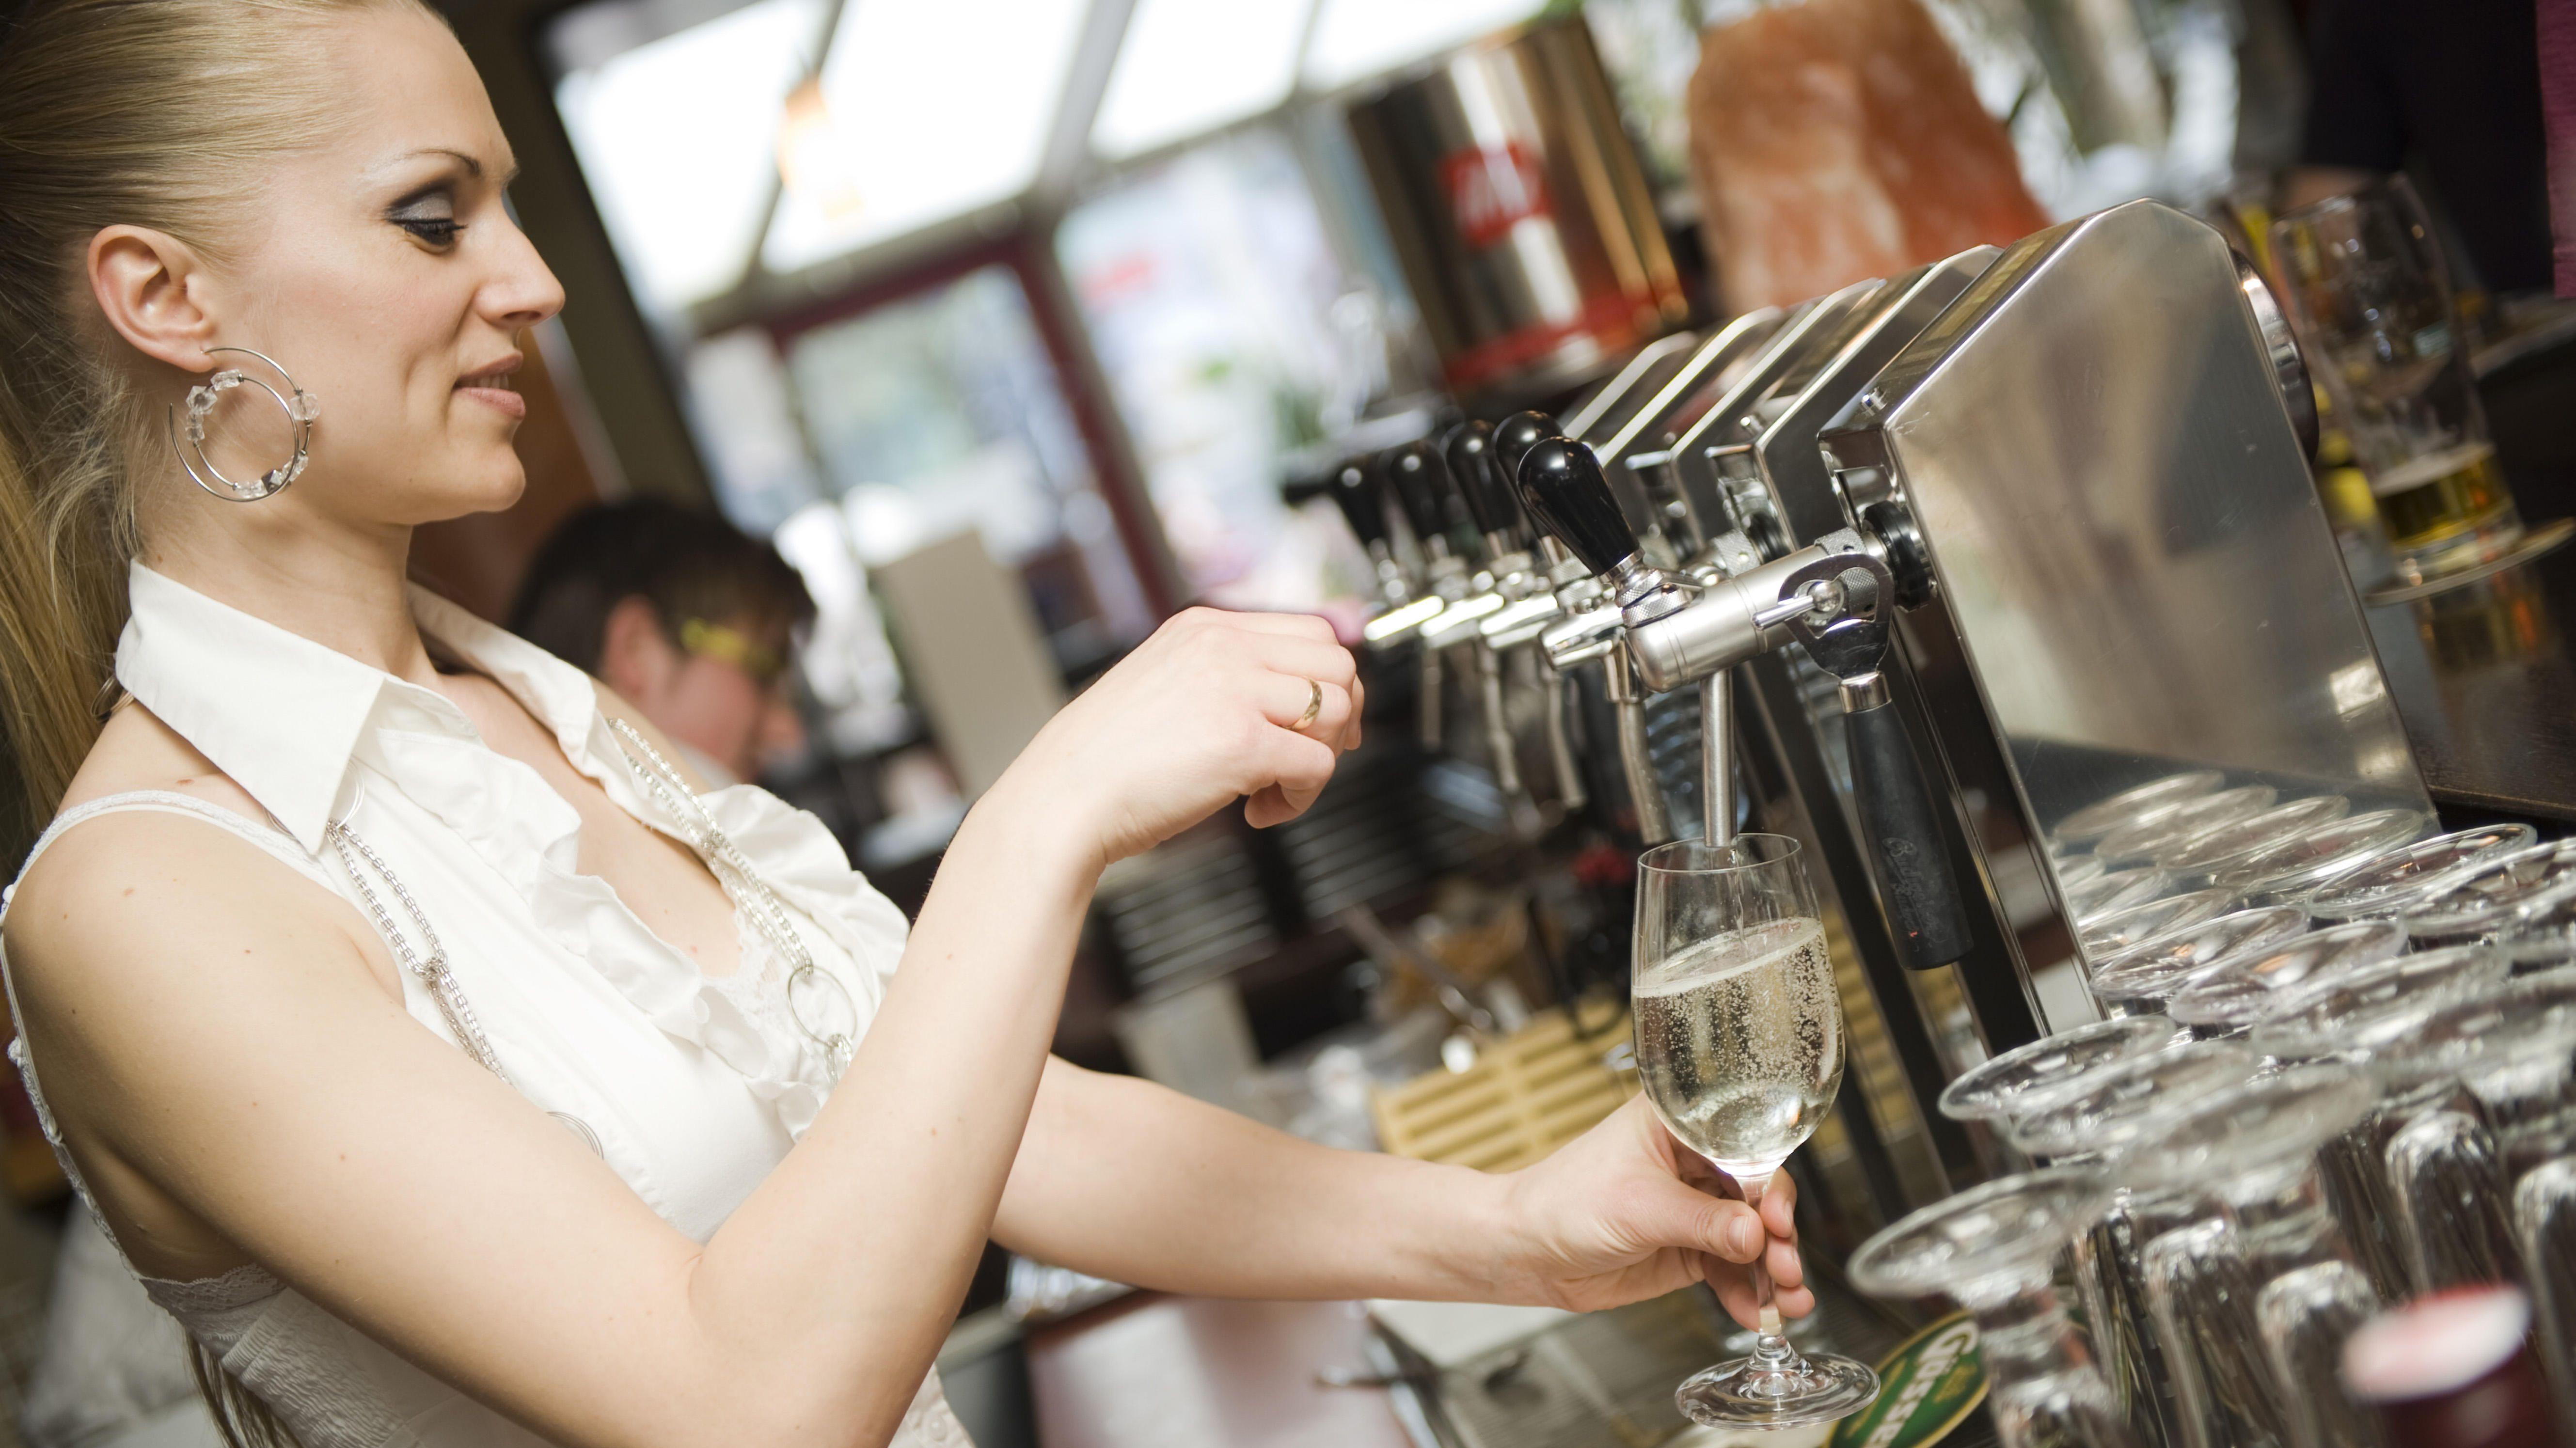 Eine Frau zapft Bier in einem Restaurant